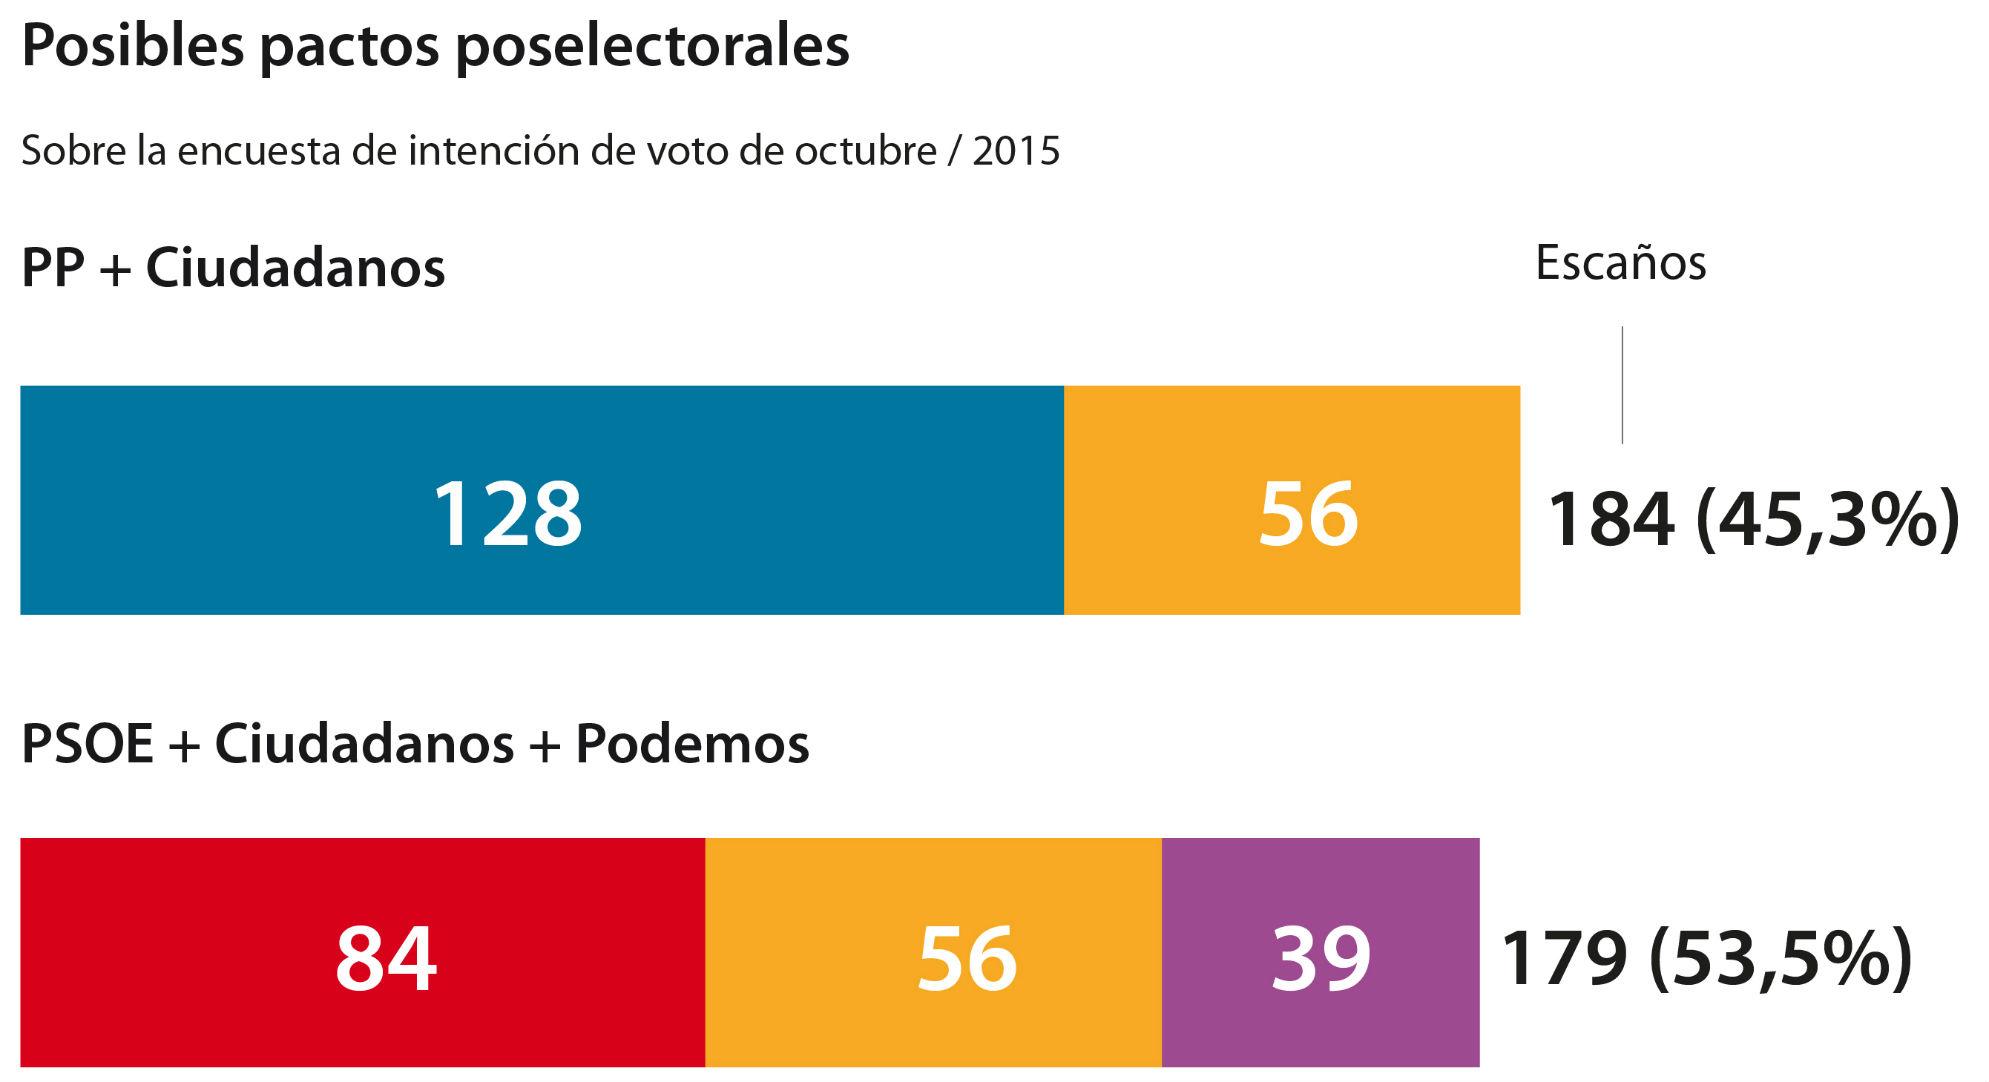 El PP sigue en caída pero logra mayoría absoluta con Ciudadanos